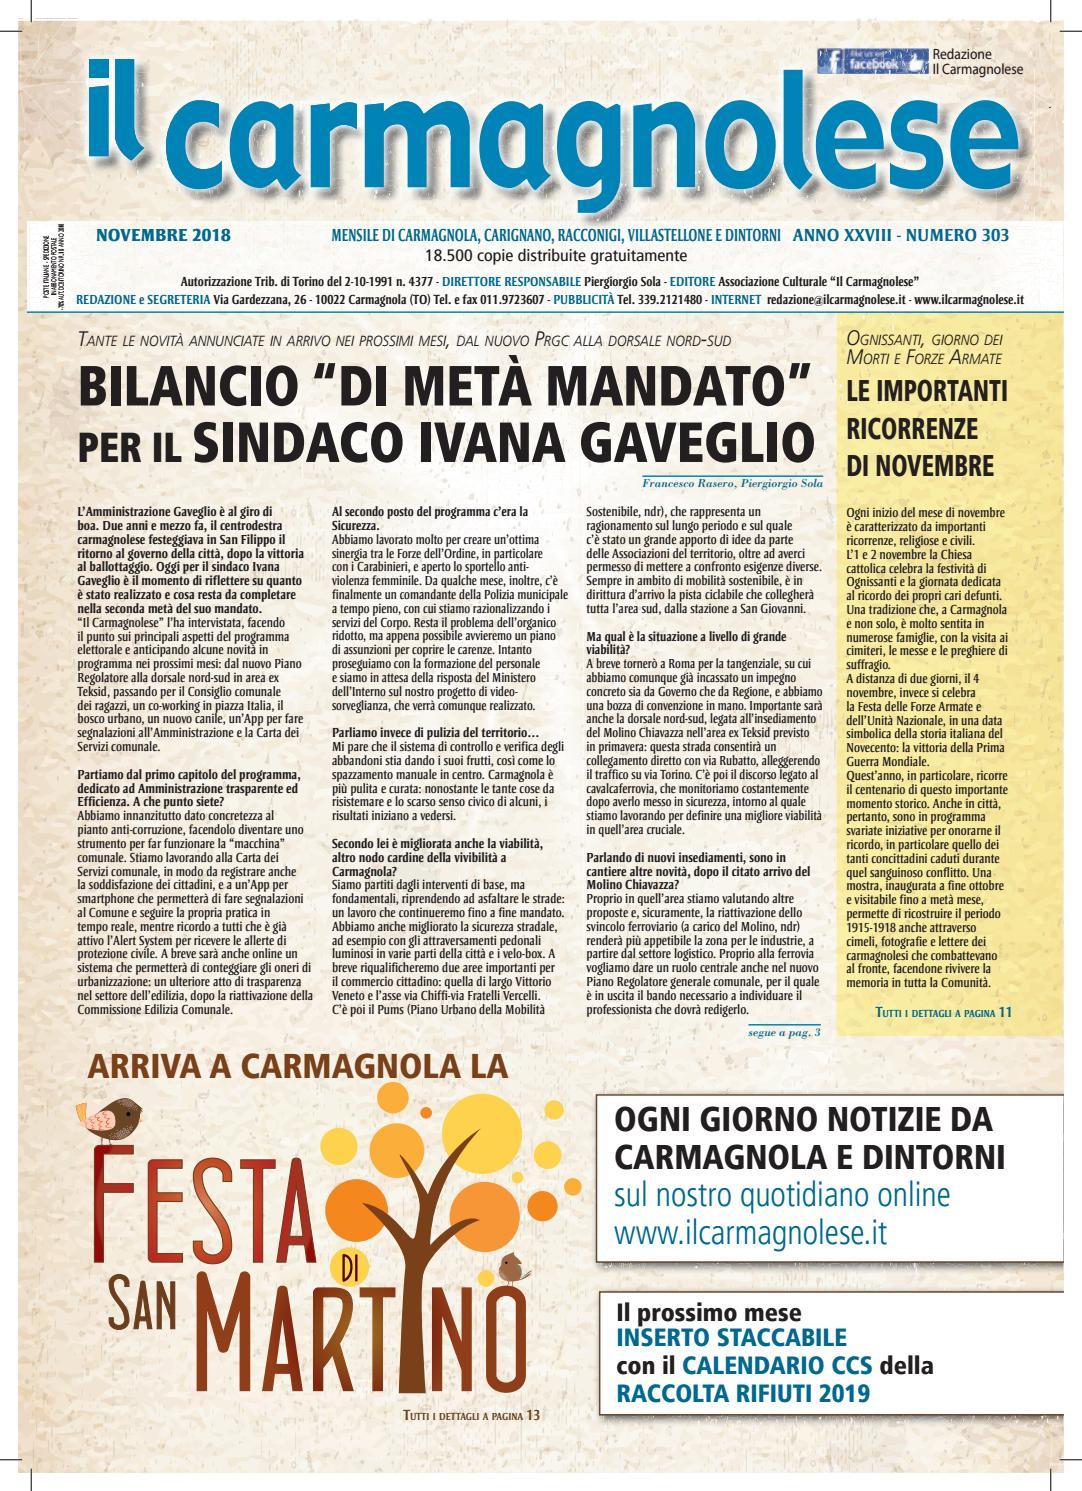 Calendario Raccolta Differenziata La Spezia 2020.Il Carmagnolese Novembre 2018 By Redazione Il Carmagnolese